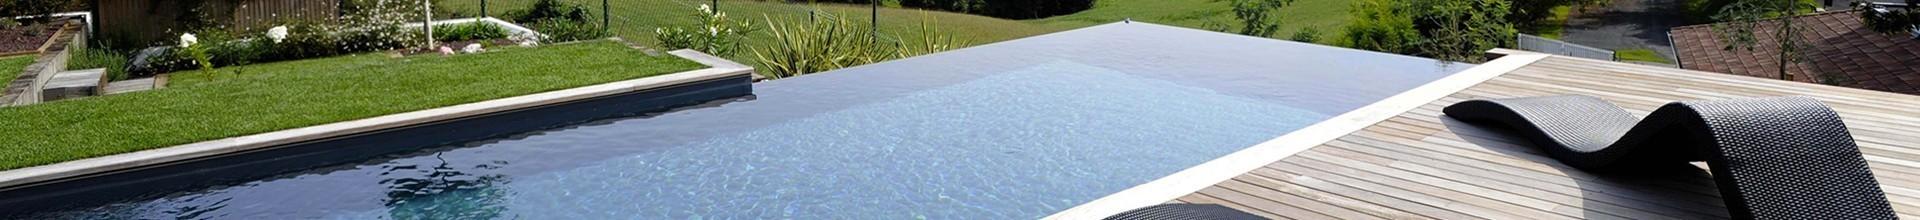 Grand Est Bas-Rhin conception d'une piscine révolutionnaire